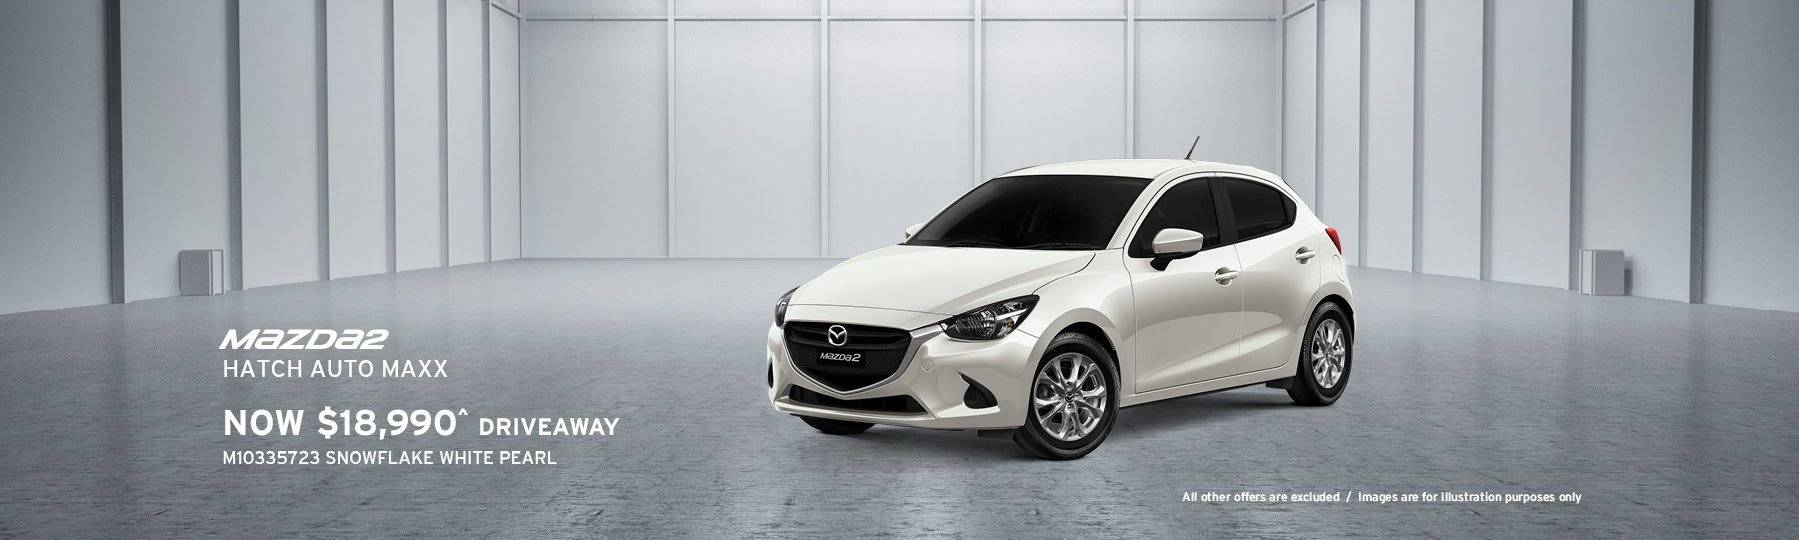 Newcastle Mazda, Mazda 2